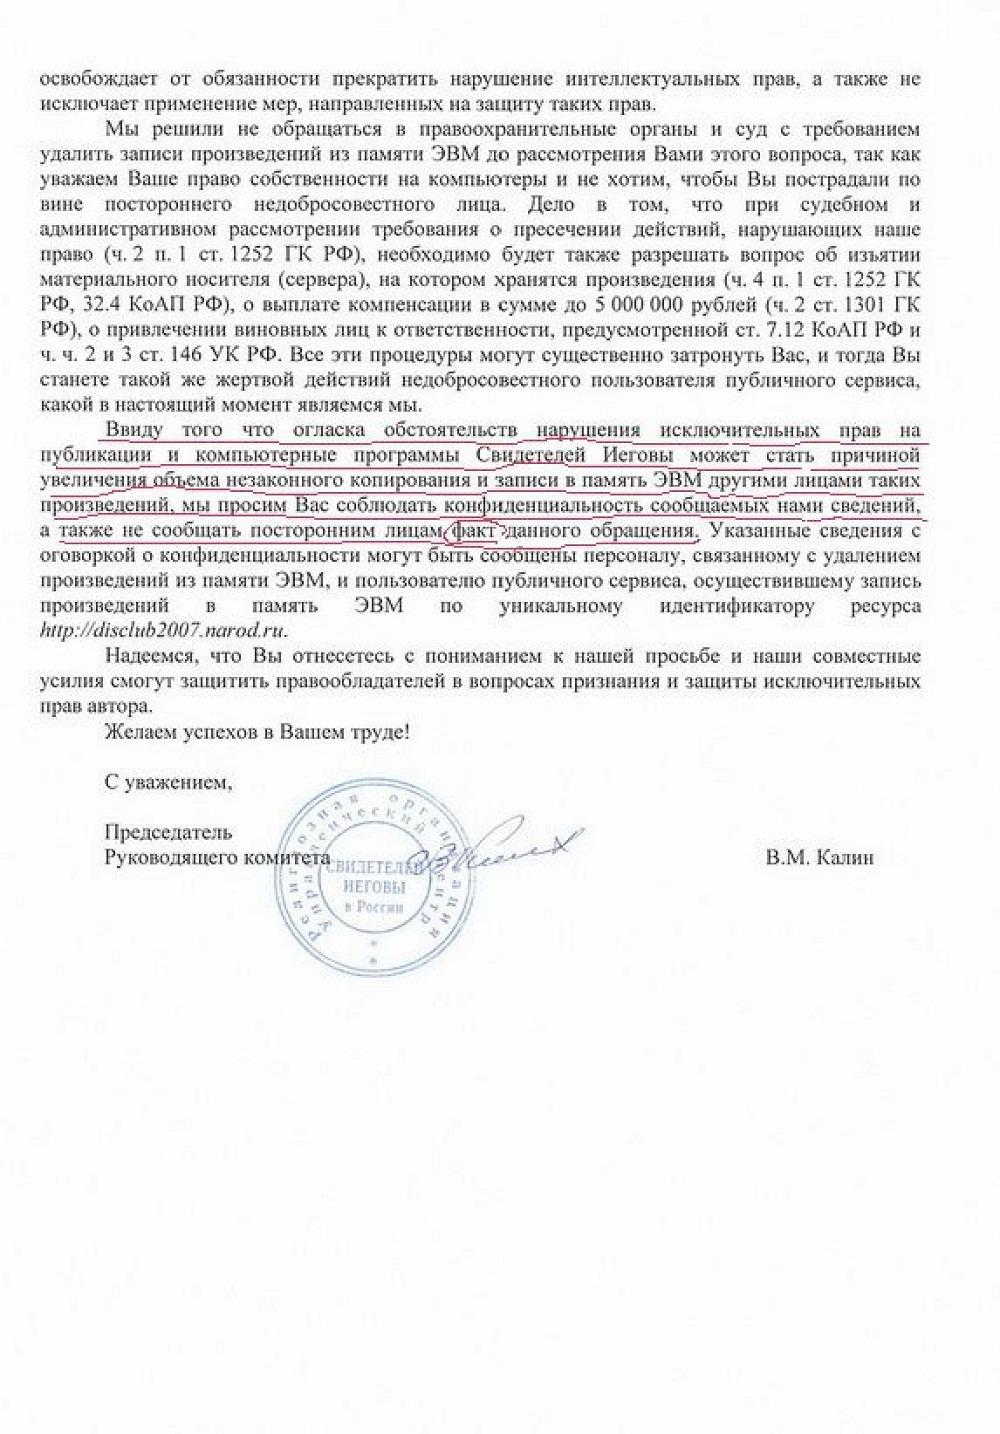 2009-04-07-N87-Письмо_генеральному_директору_ООО_Яндекс_2 стр_2